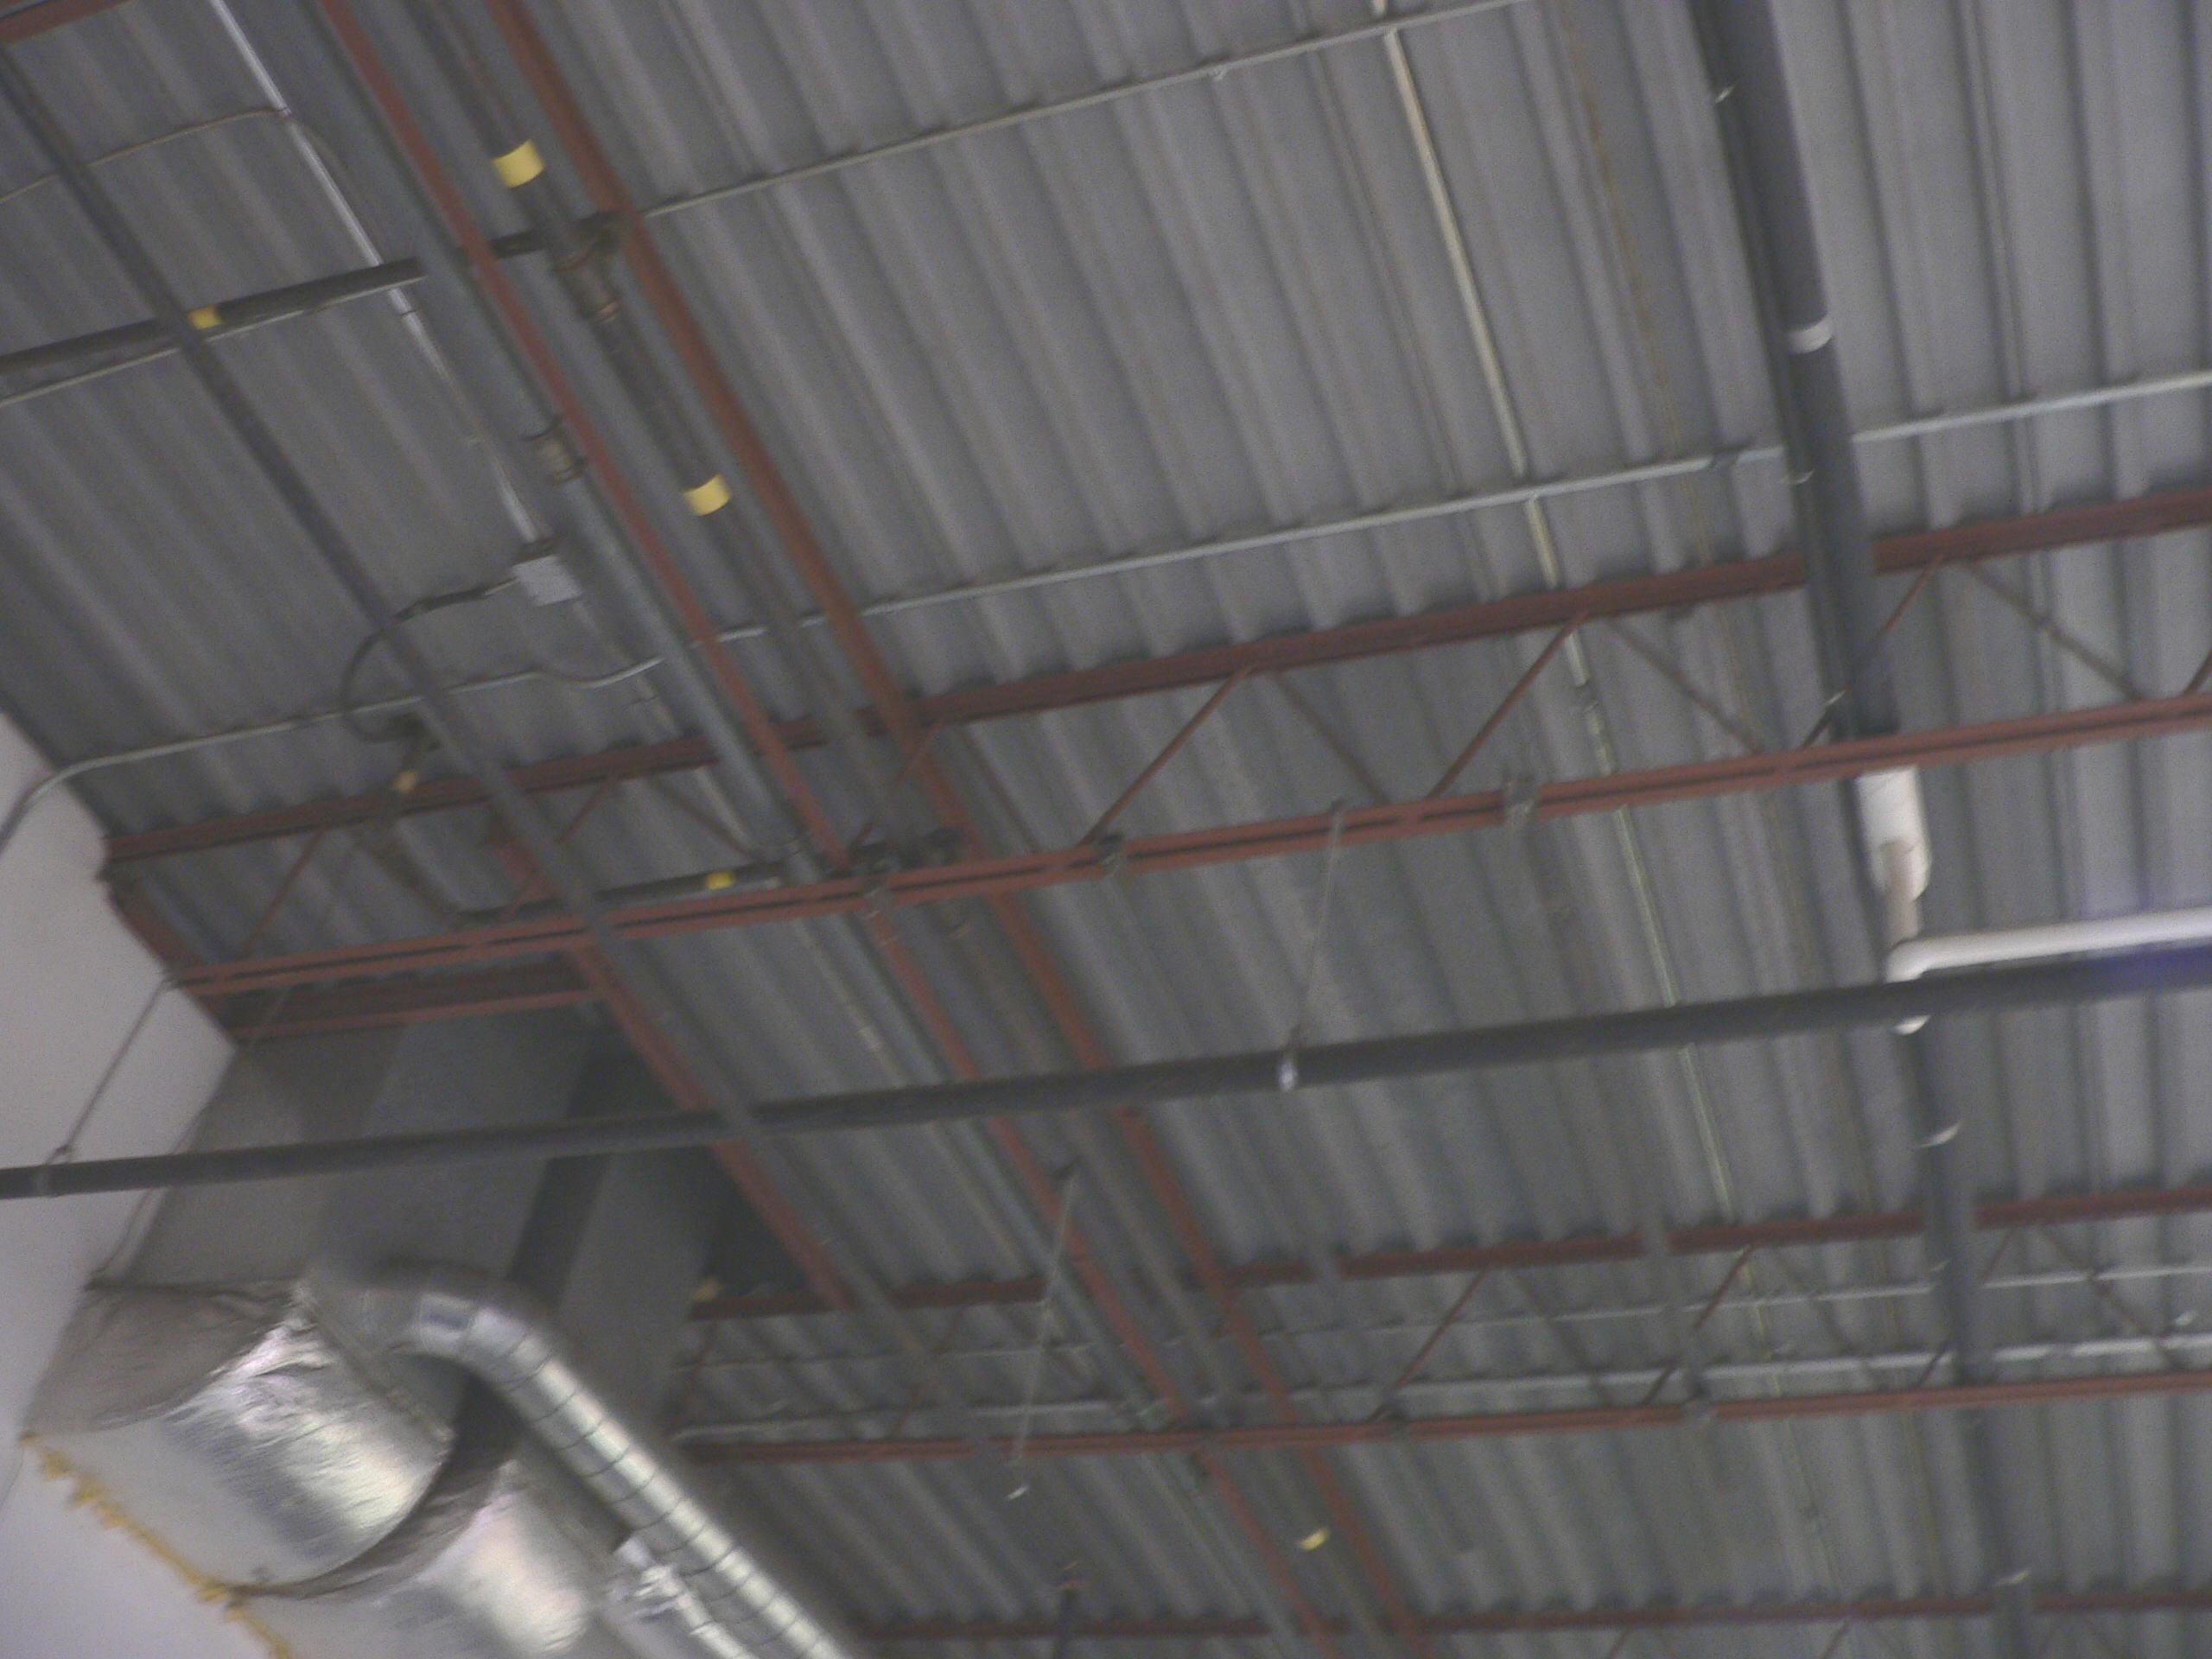 File:Open web steel joists q deck.jpg